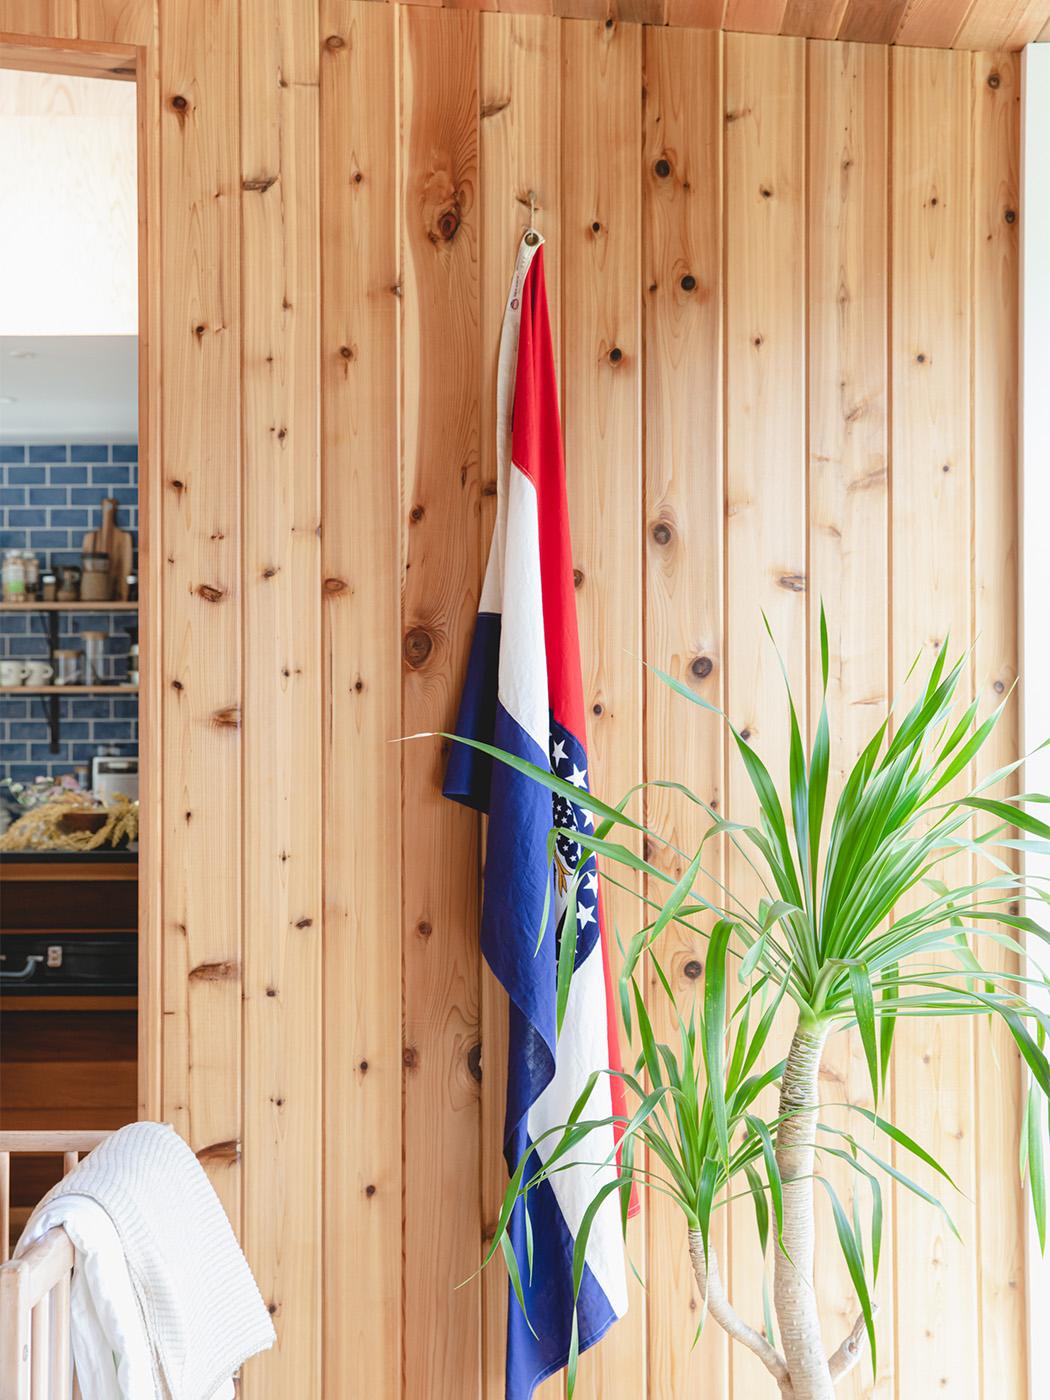 ラフな質感のウエスタンレッドシダーの壁と天井、大きな観葉植物もアクセントに。